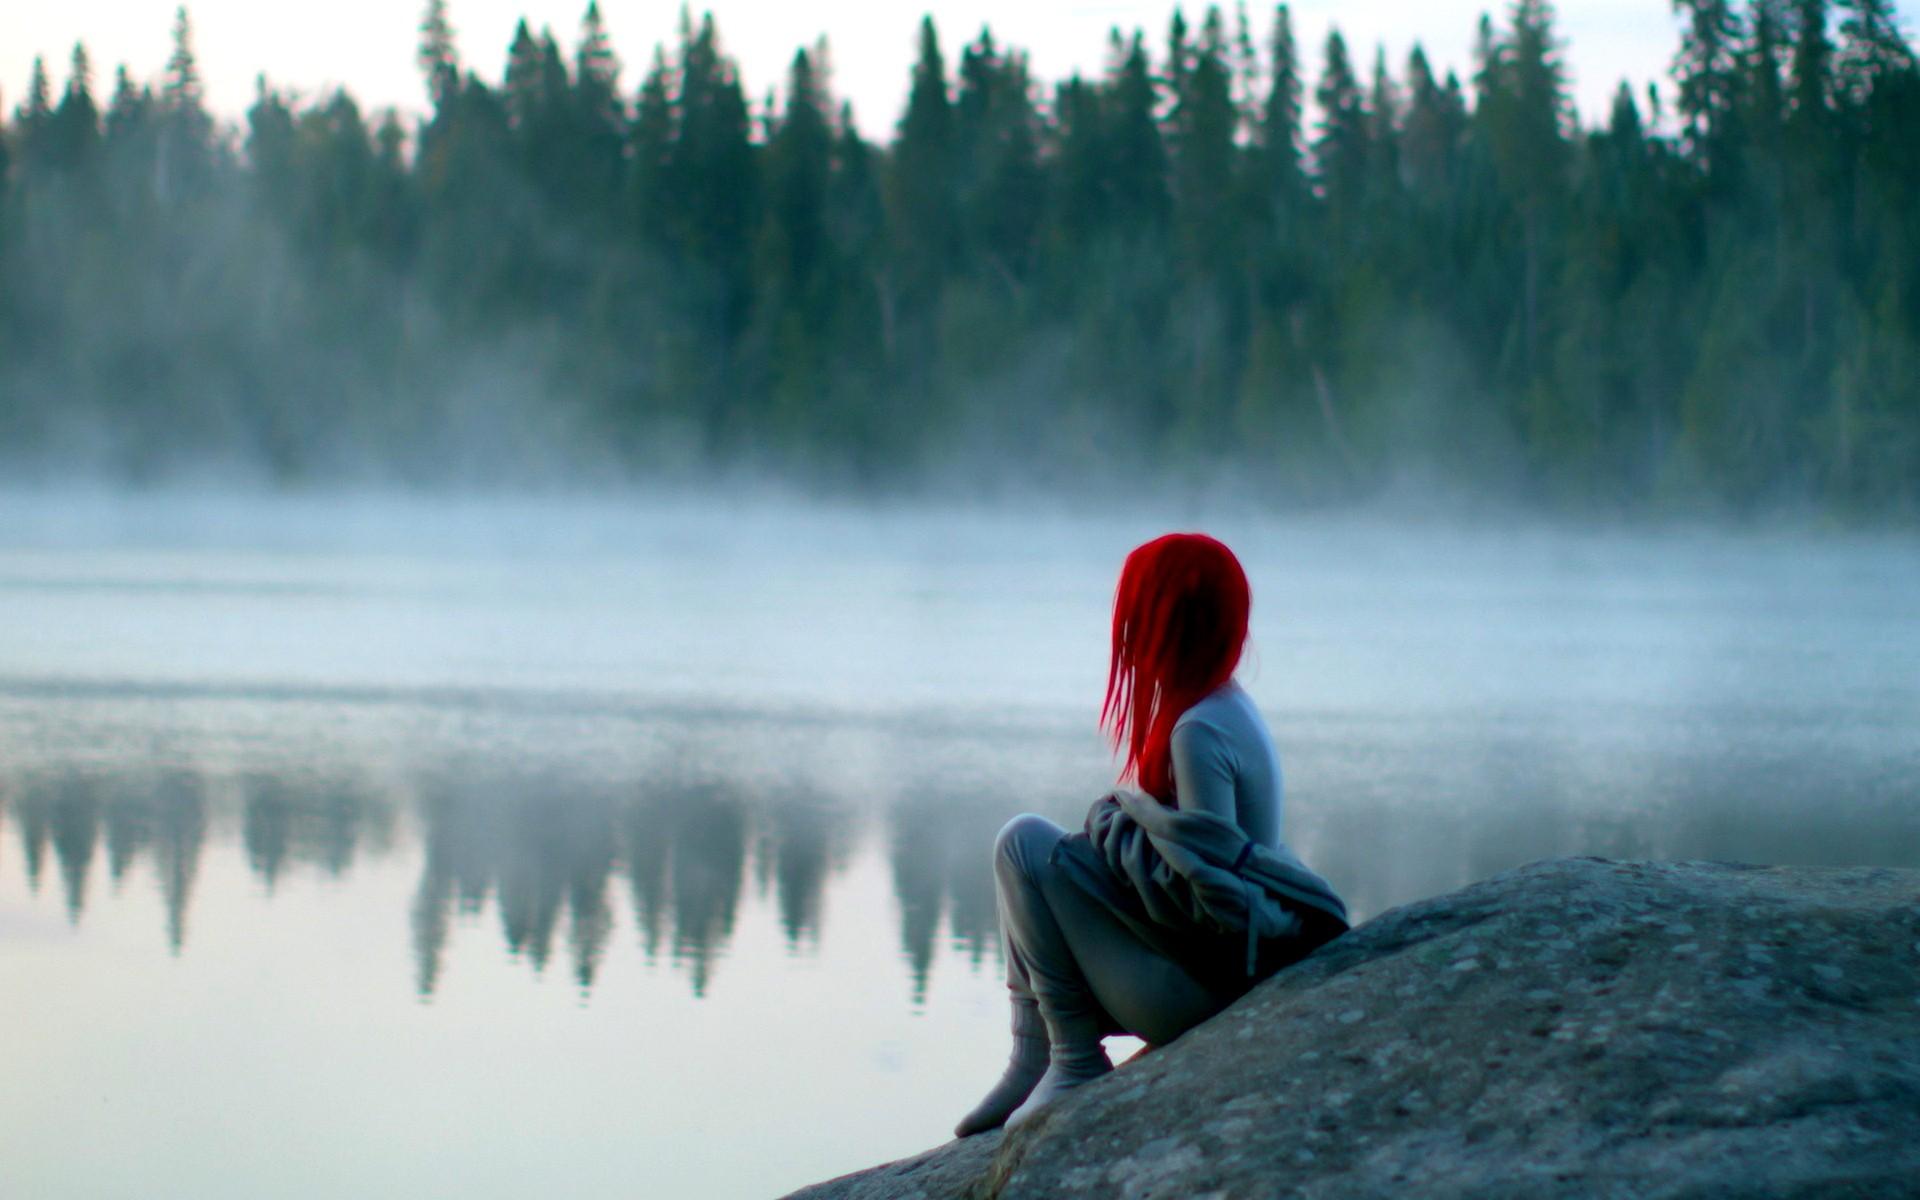 Tổng hợp những hình ảnh cô đơn đẹp nhất